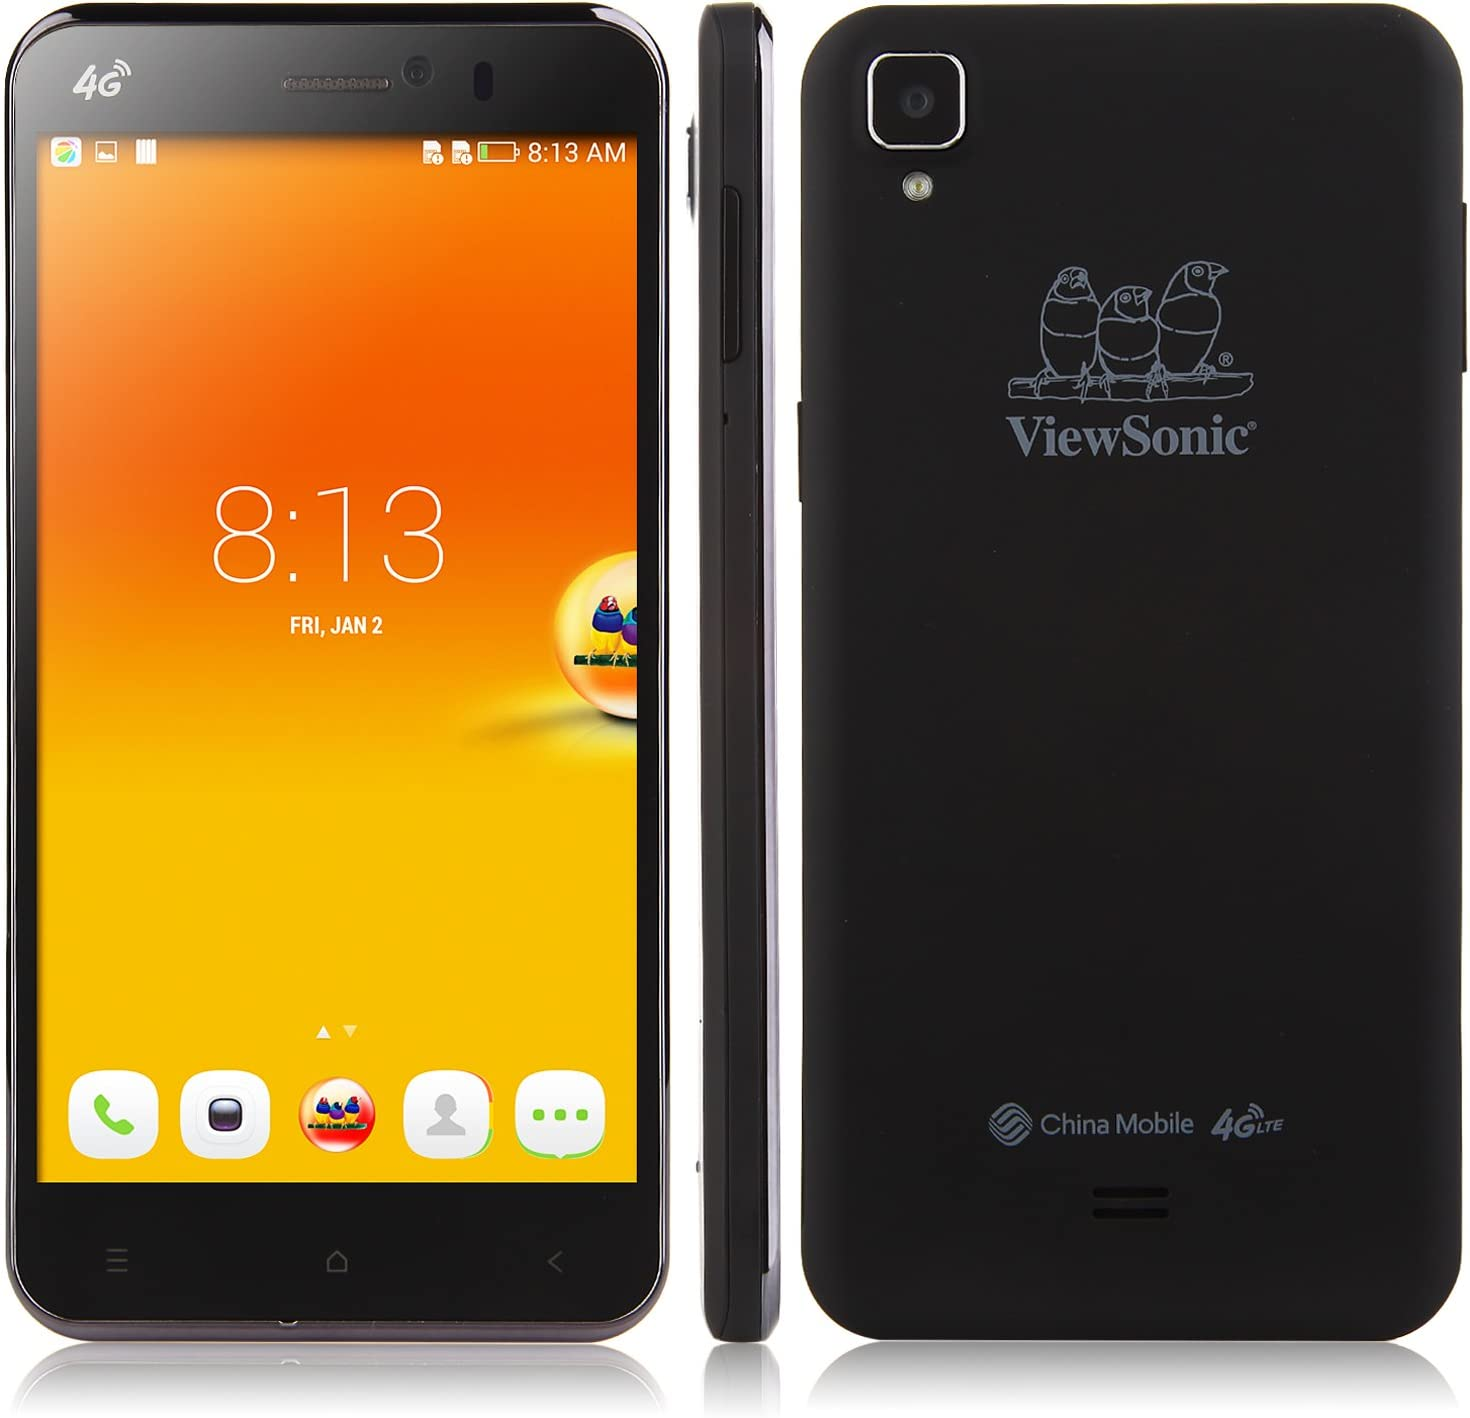 5.5 Pulgada ViewSonic V500 Smartphone 4G Android 4.4.2 Qualcomm ...